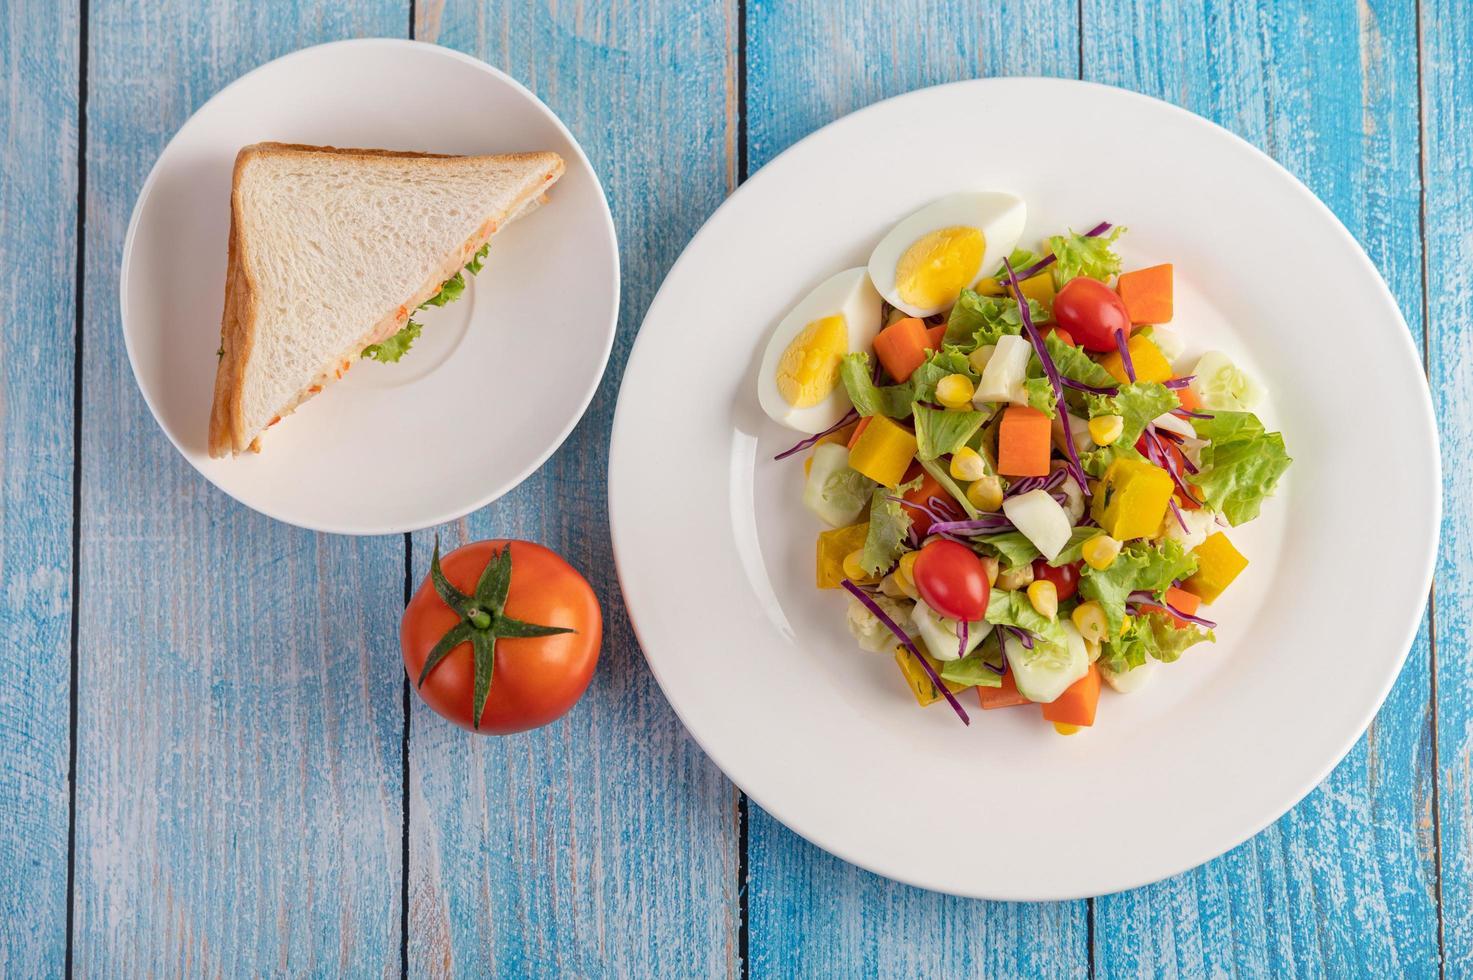 insalata fresca su un piatto bianco con un panino e pomodori foto